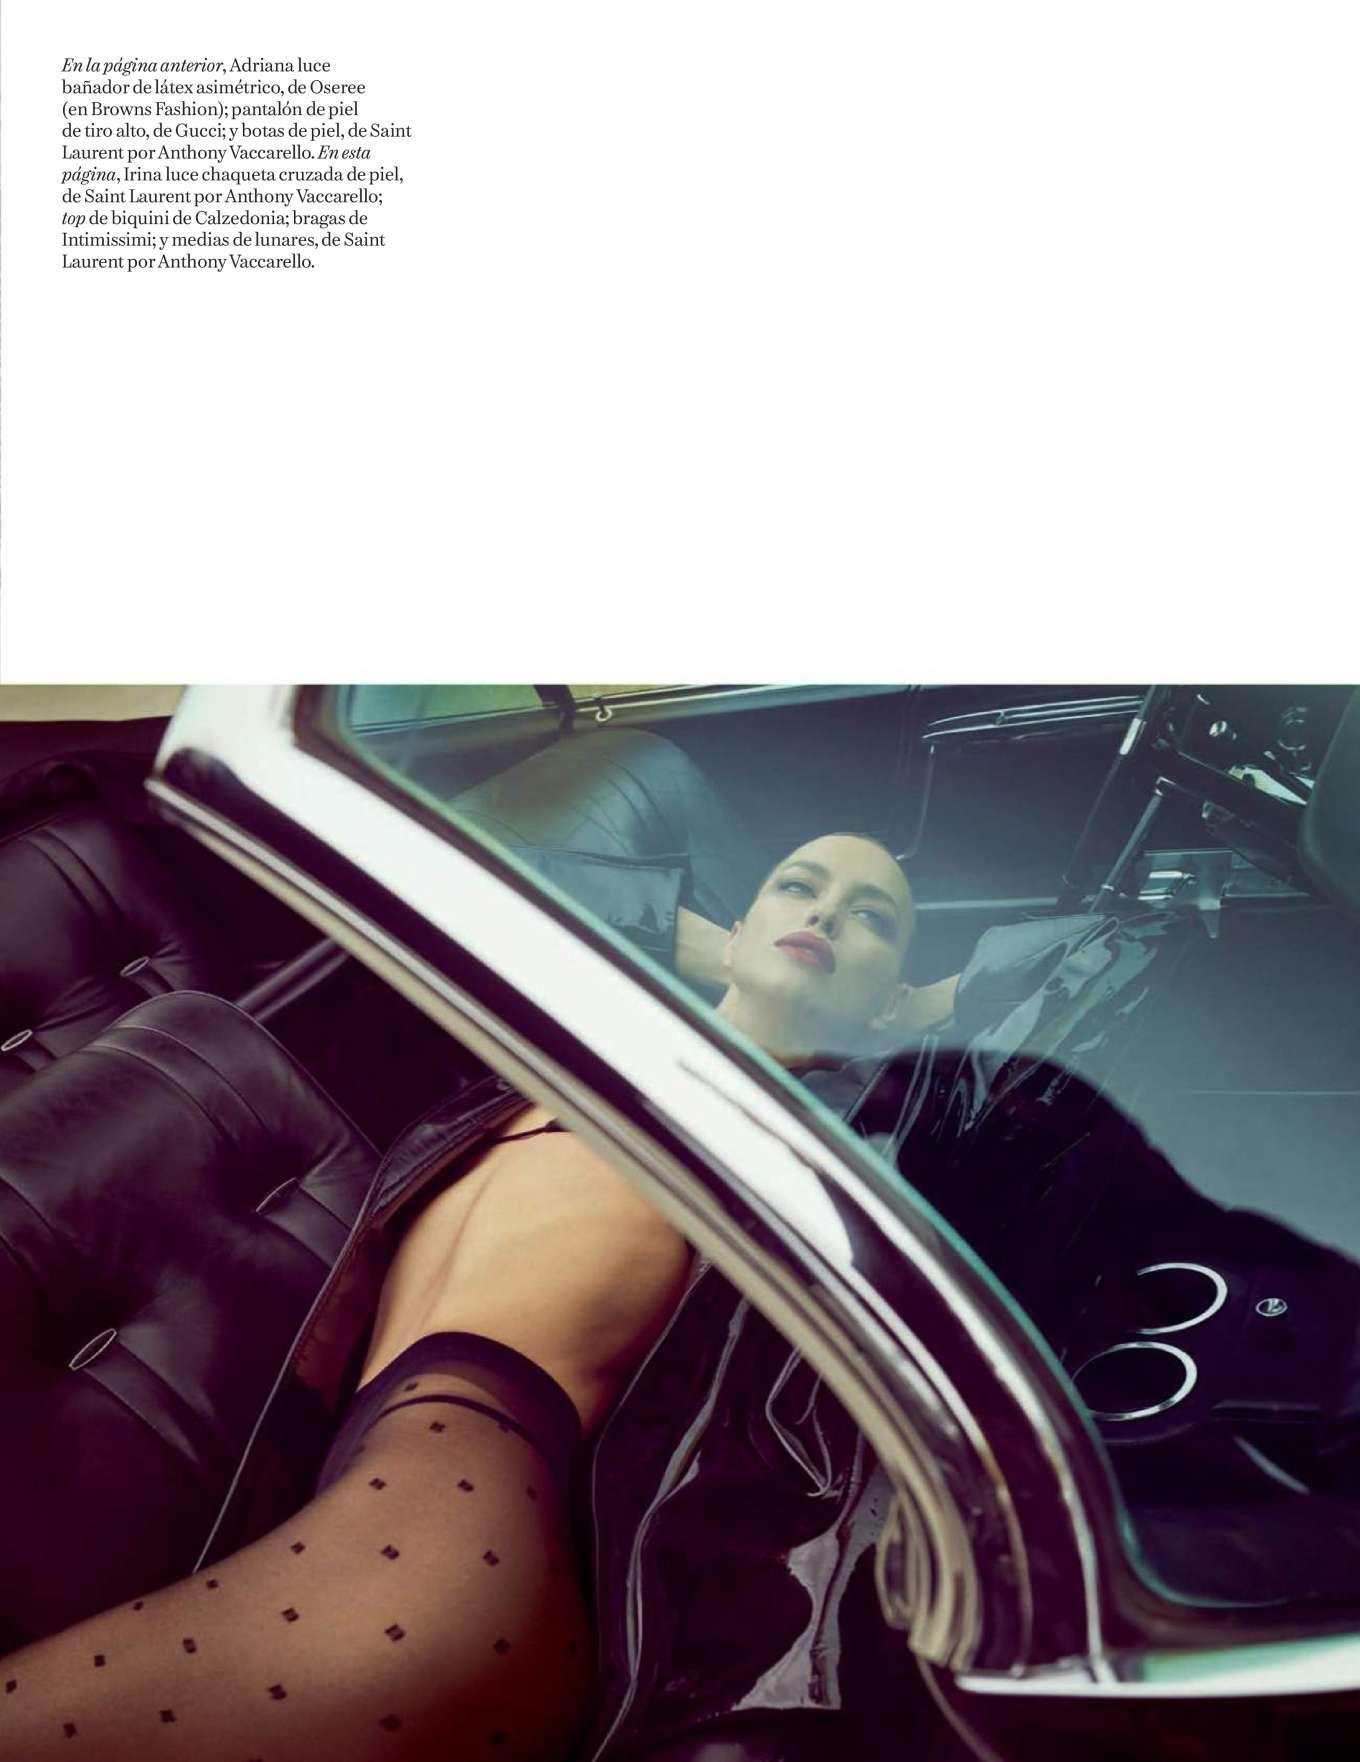 Adriana Lima 2019 : Adriana Lima and Irina Shayk – Vogue Espana 2019-17